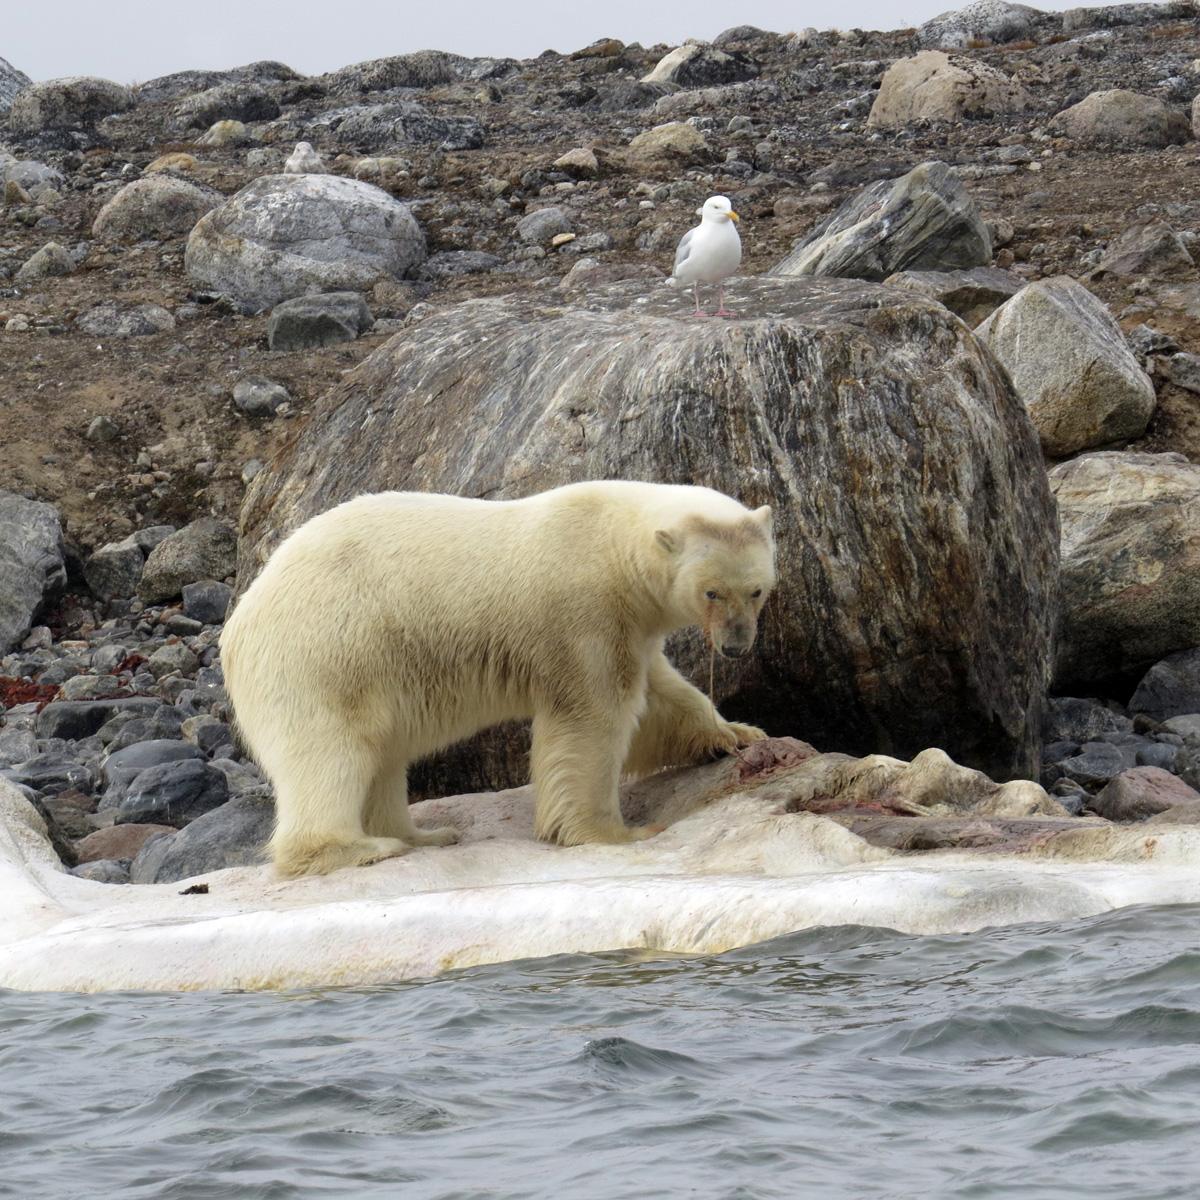 a polar bear hunting on the arctic shoreline